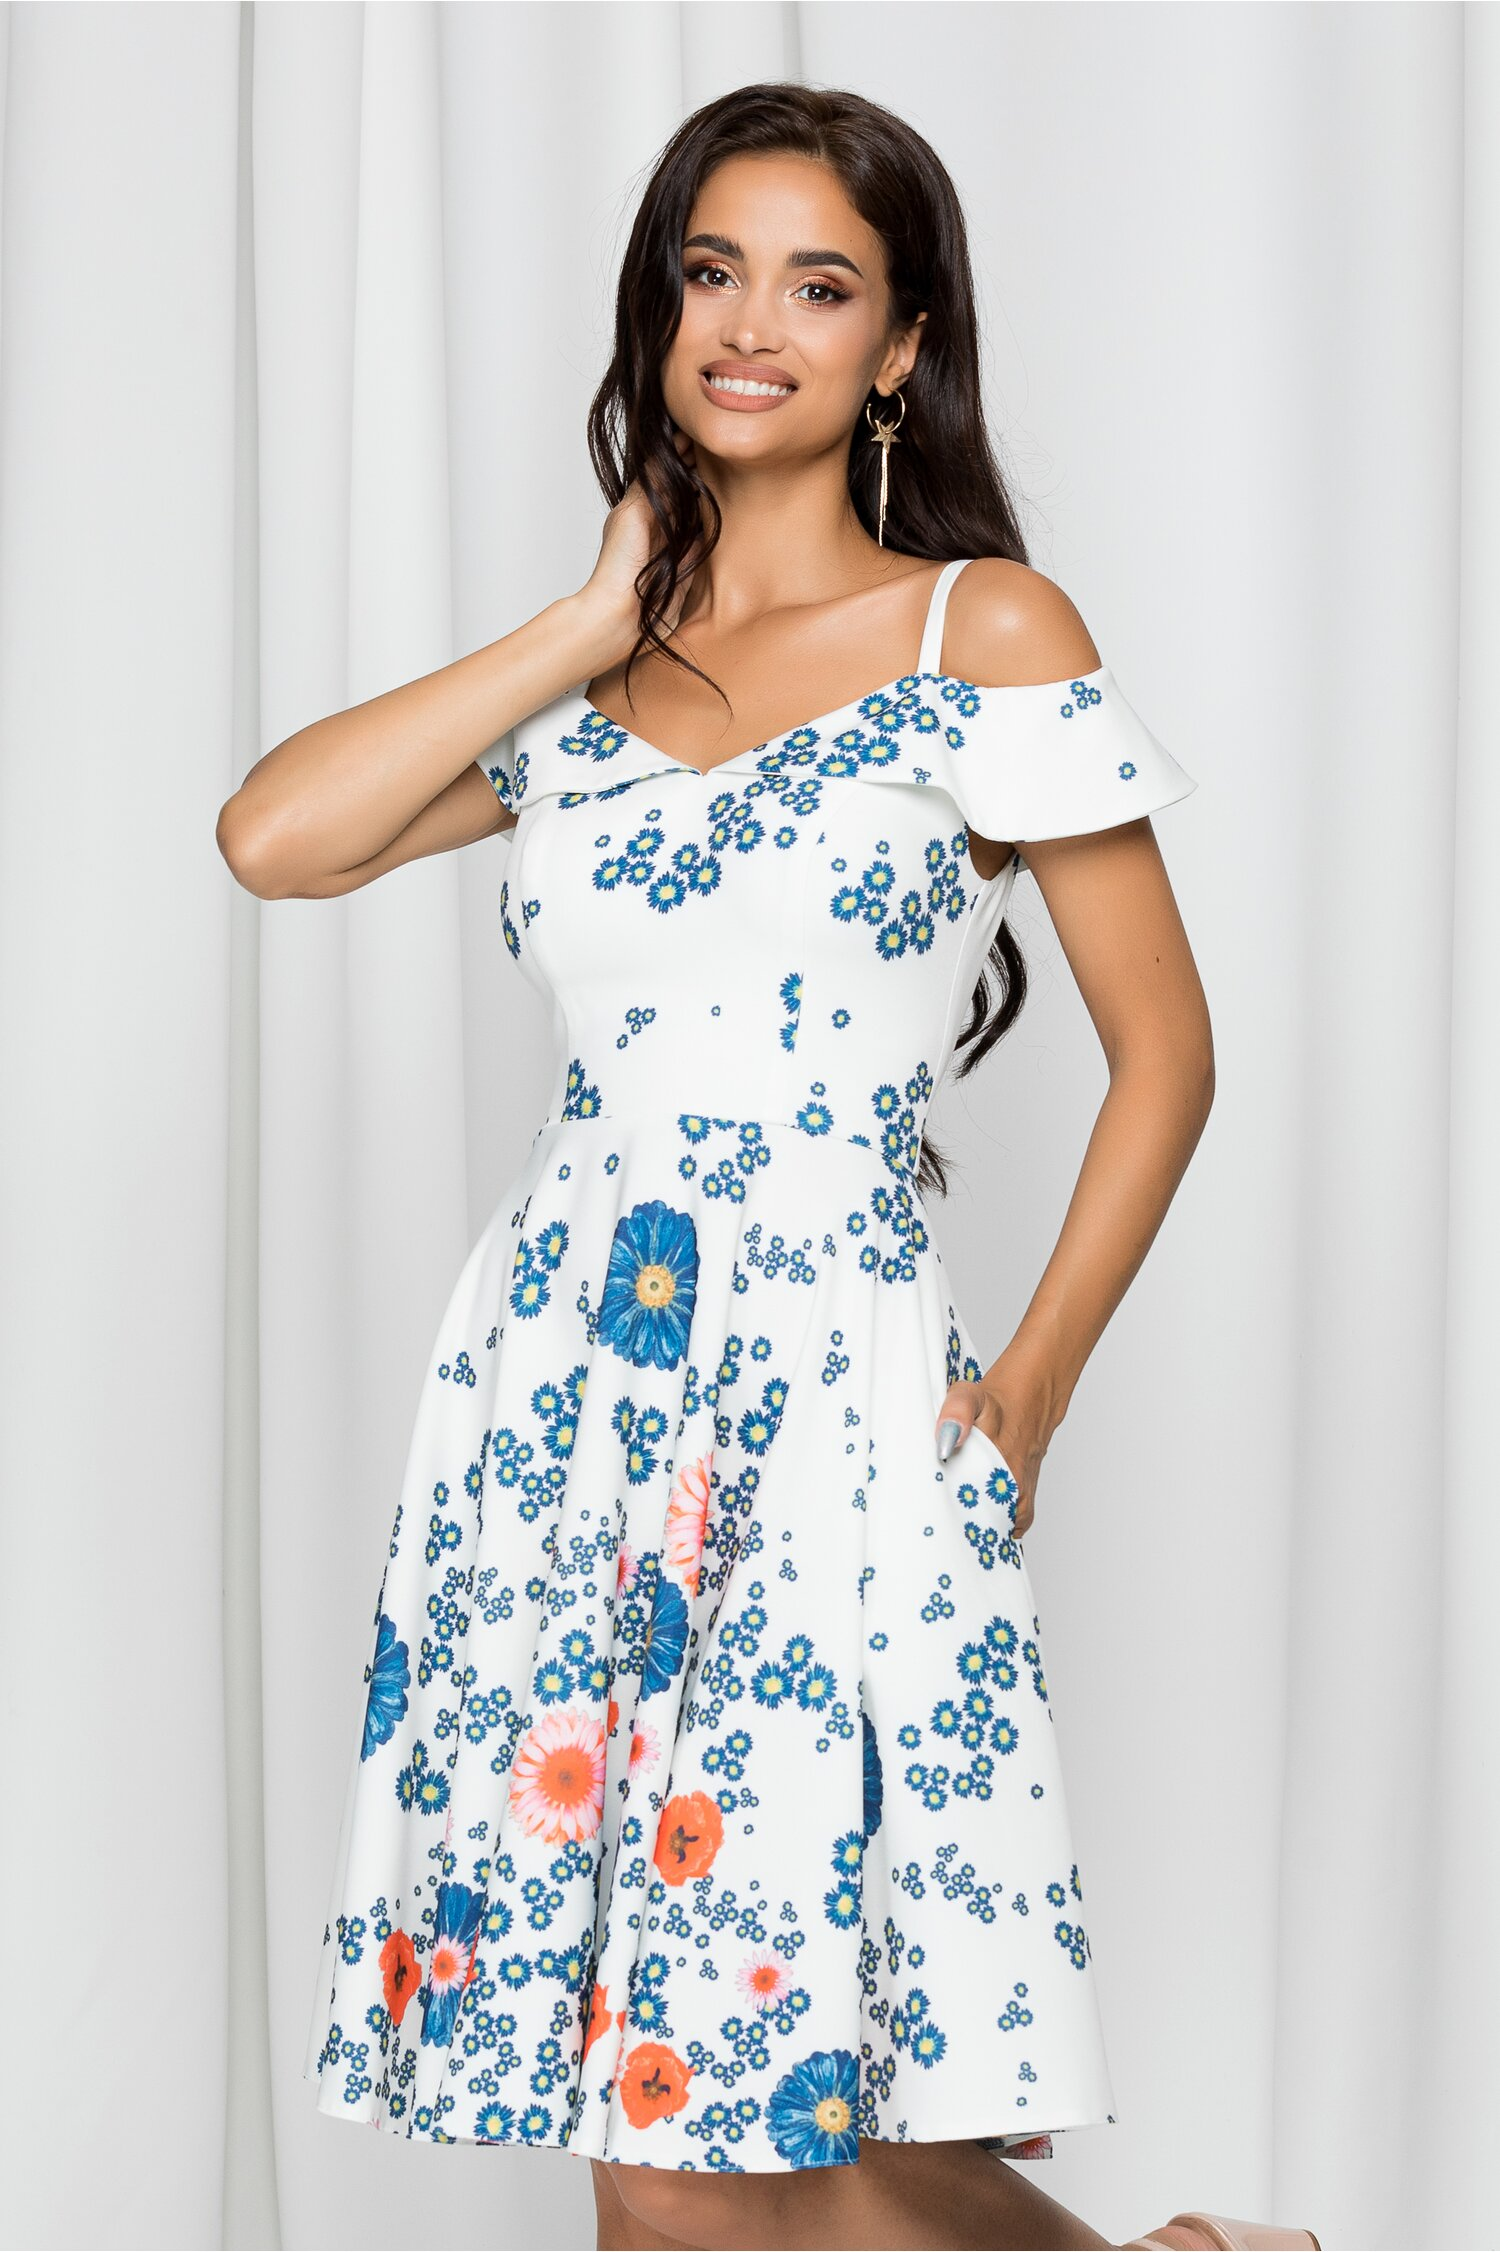 Rochie MBG alba cu imprimeu floral bleu si orange